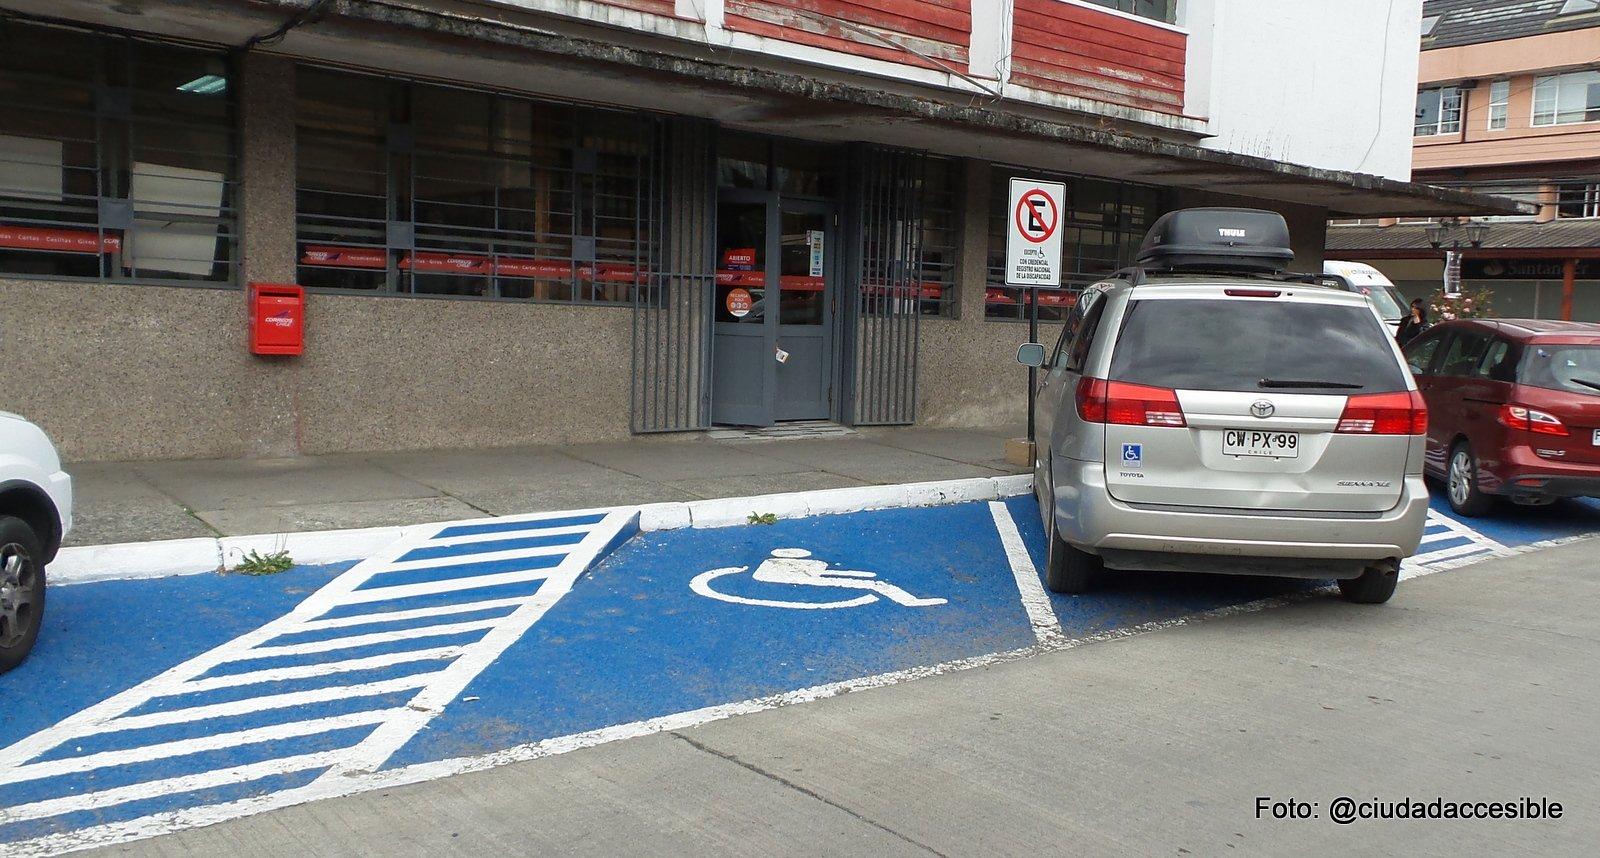 estacionamientos accesibles en la vía pública en puerto varas